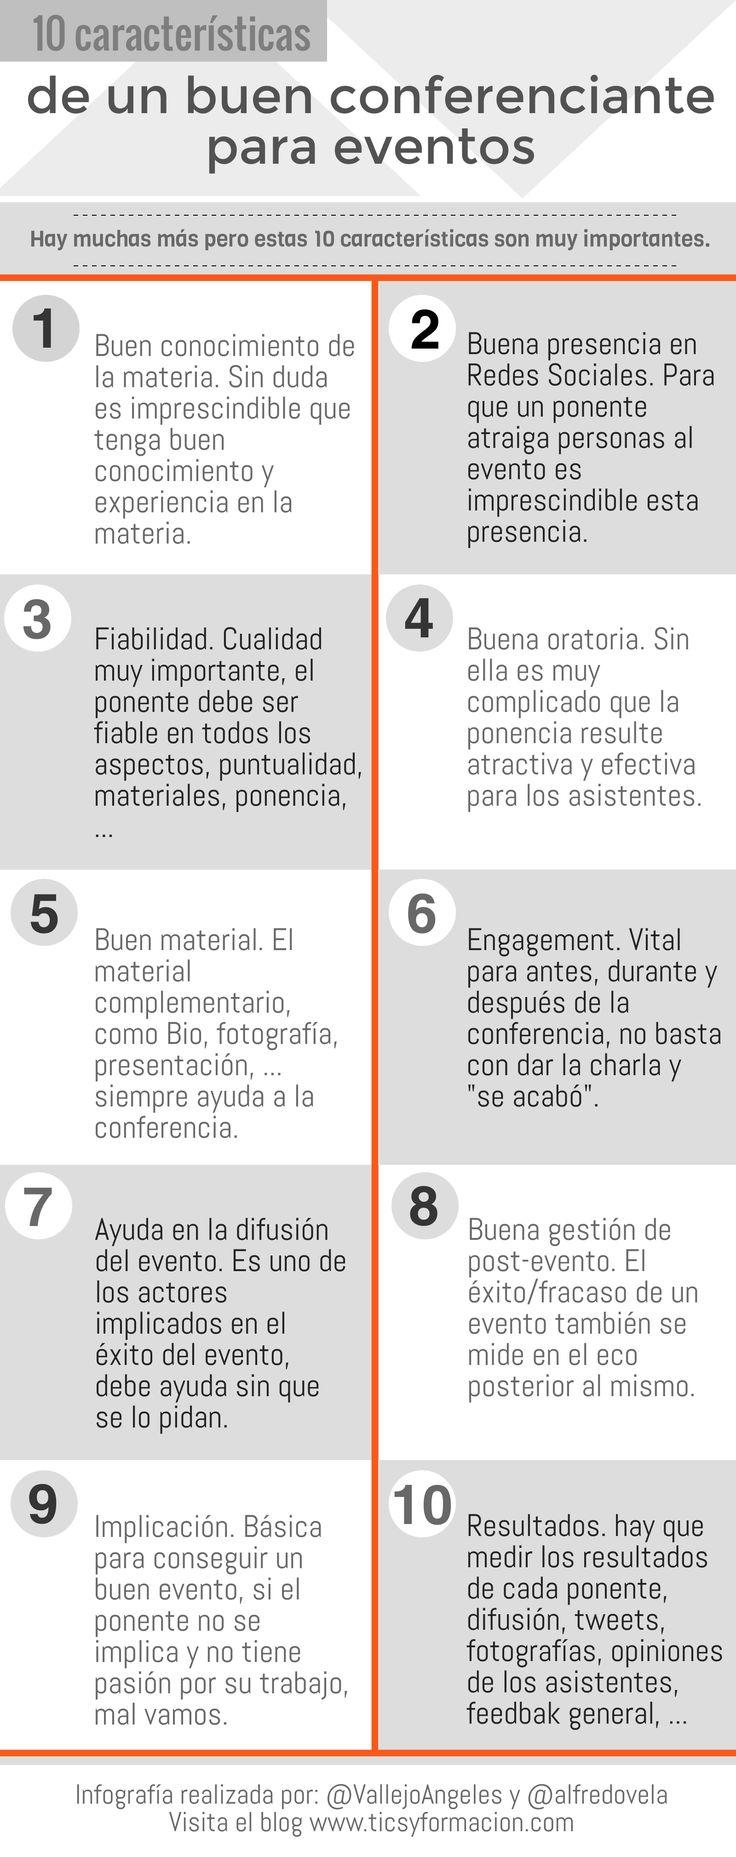 10 características de un buen conferenciante para eventos